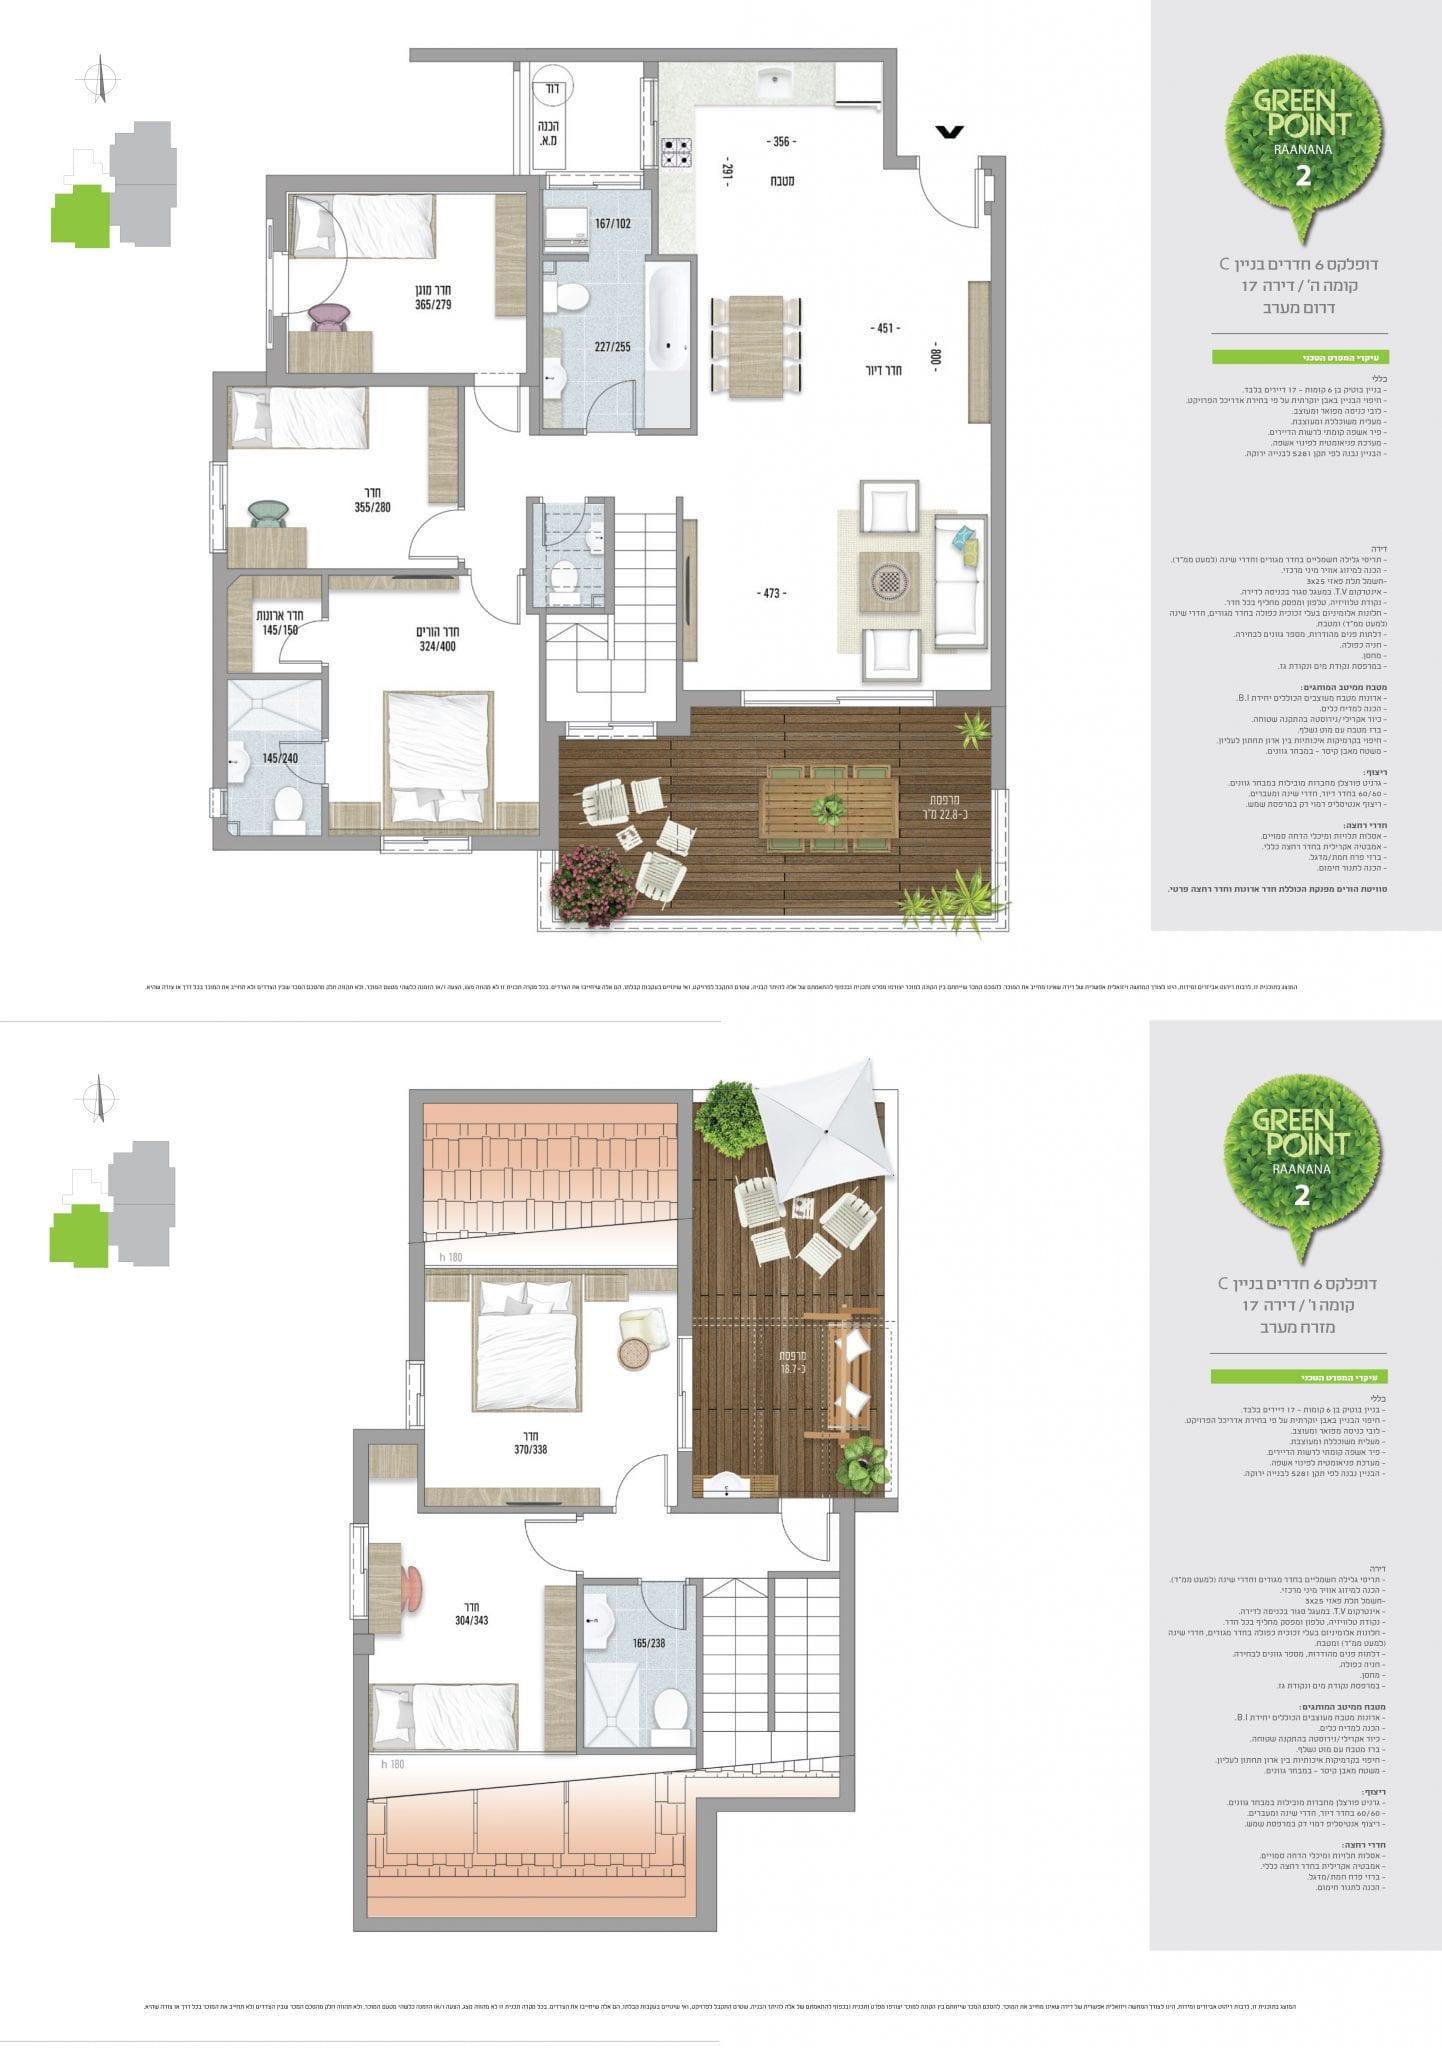 דופלקס 6 חדרים, קומה 5-6: מספר 17